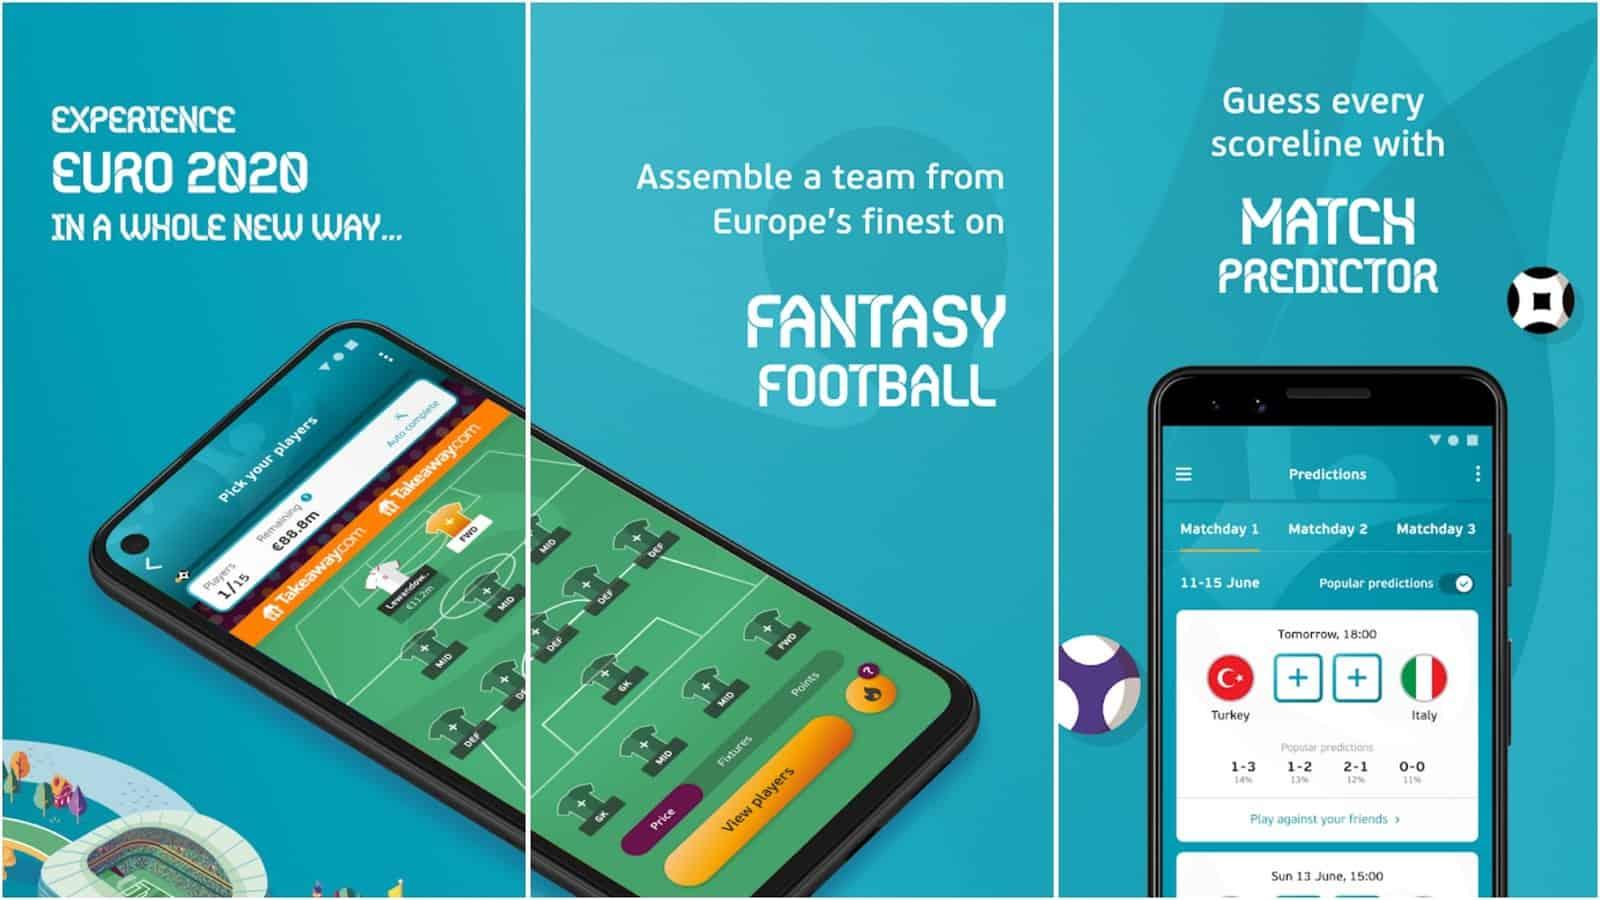 EURO 2020 Fantasy Predictor app grid image